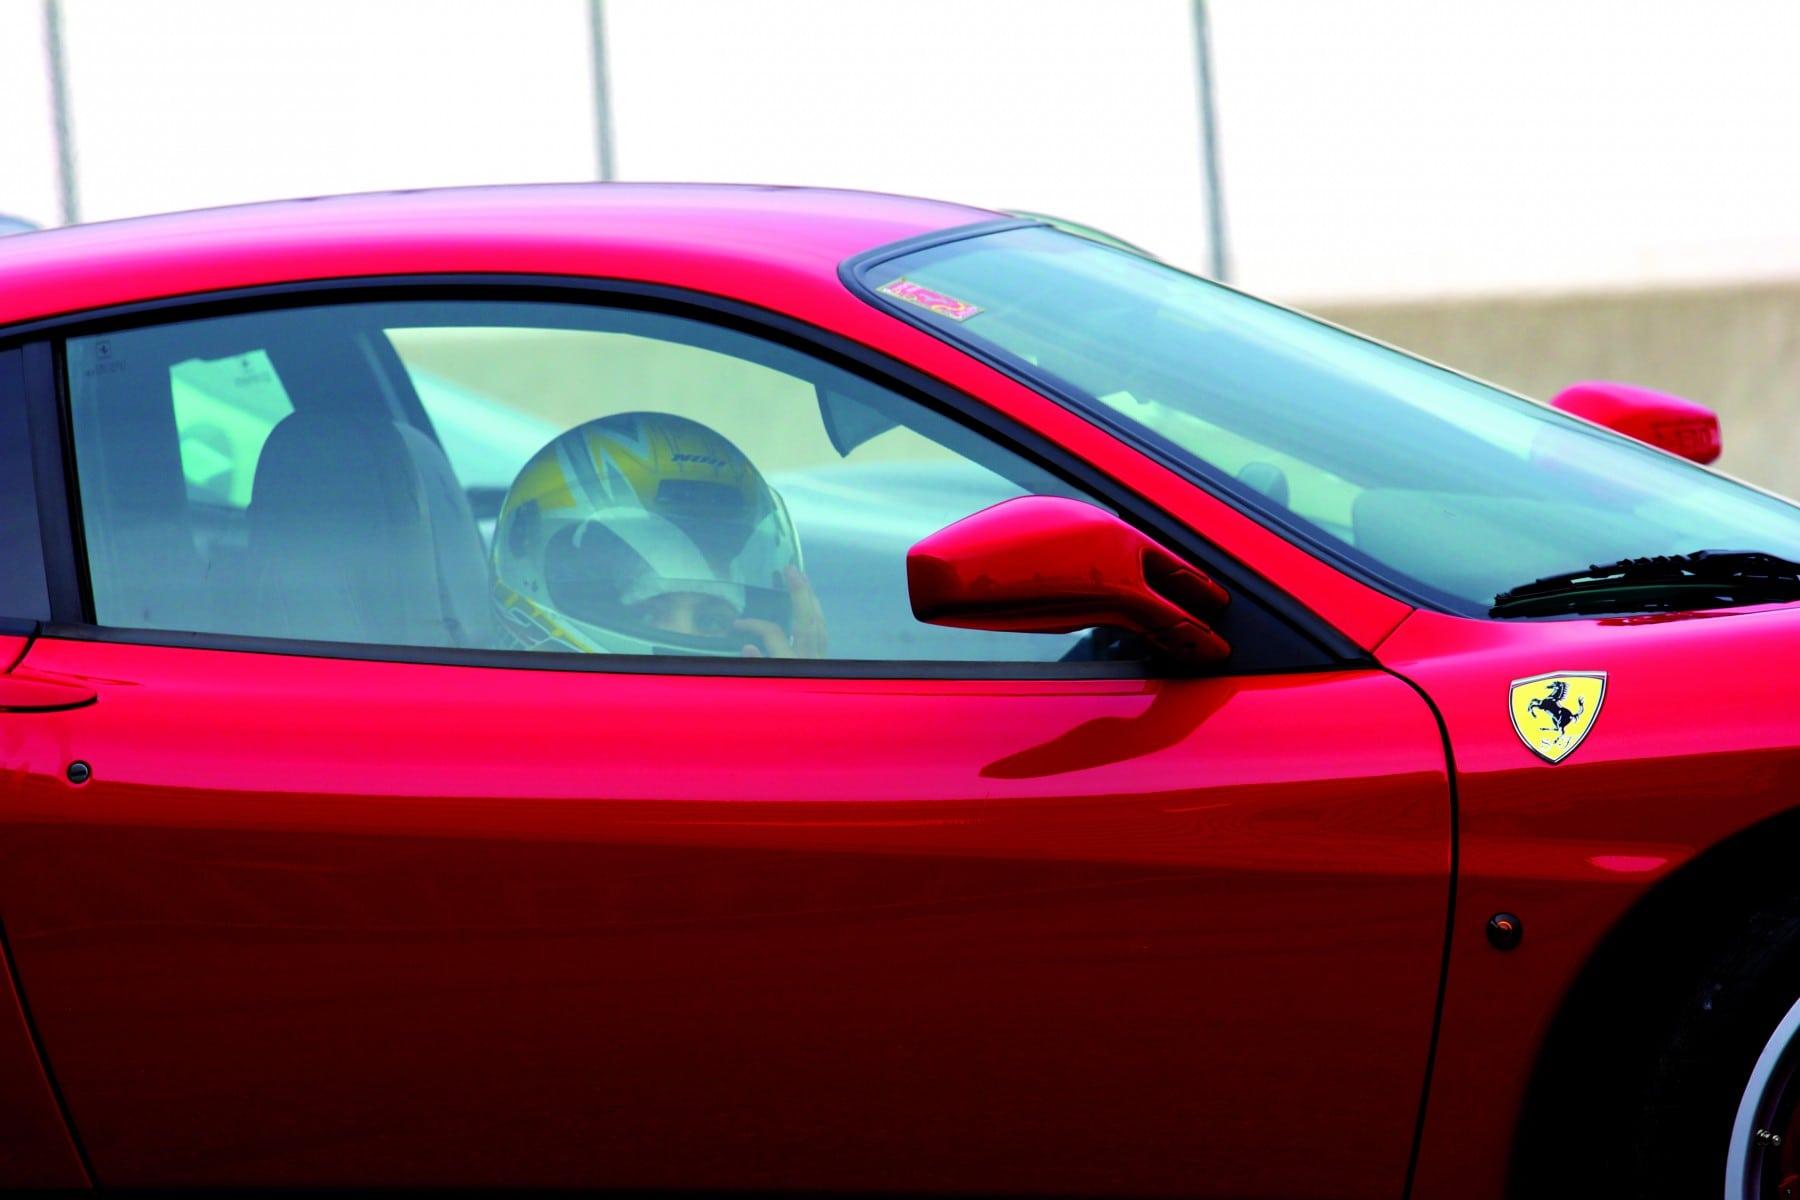 La Ferrari, un rêve pour enfants malades